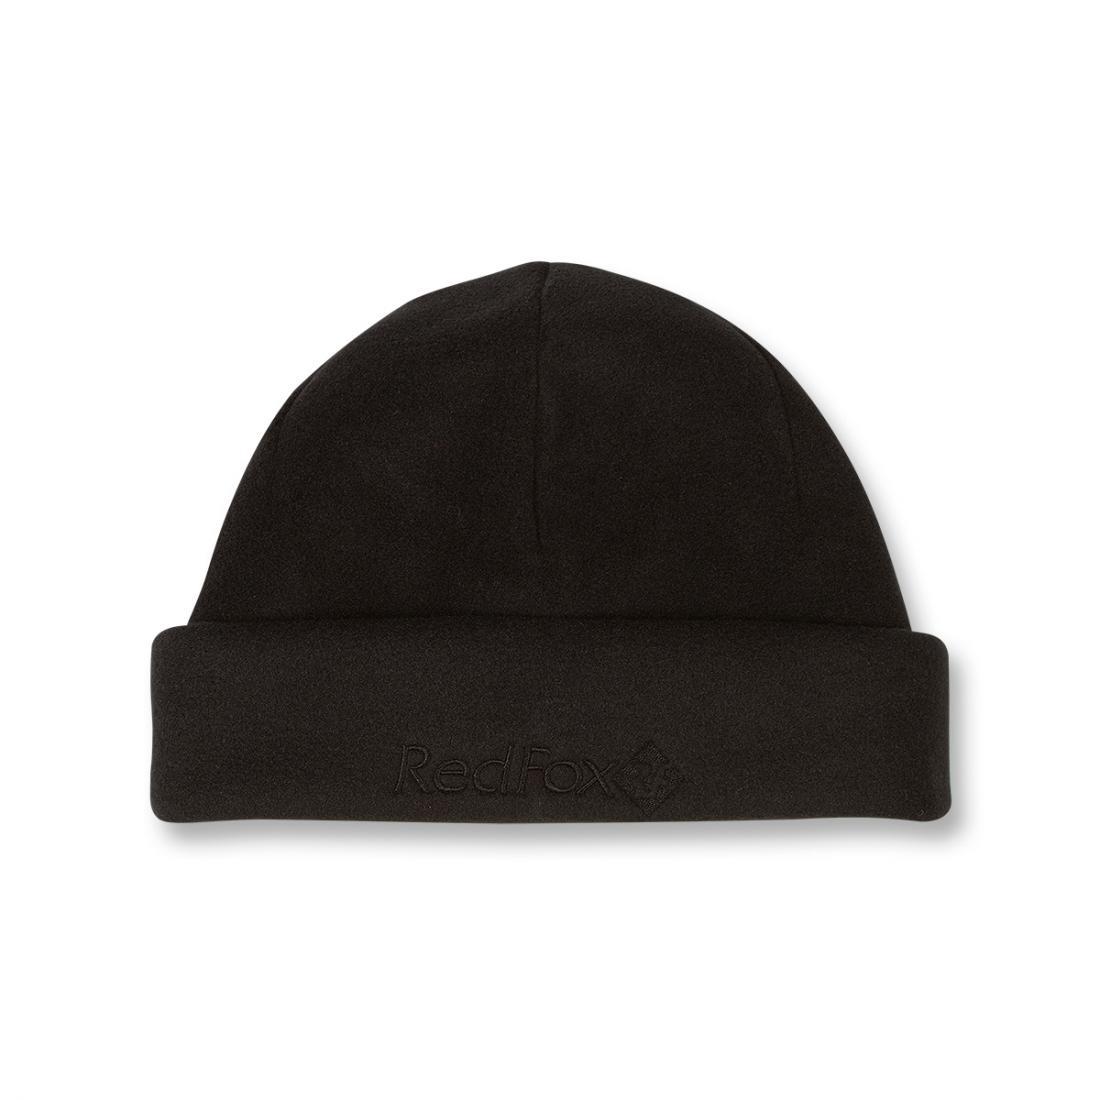 Шапка Polartec ClassicШапки<br><br> Теплая шапка классического дизайна из материала Polartec® 200<br><br><br> Основные характеристики<br><br><br>комфортная посадка<br>эргоном...<br><br>Цвет: Черный<br>Размер: 56